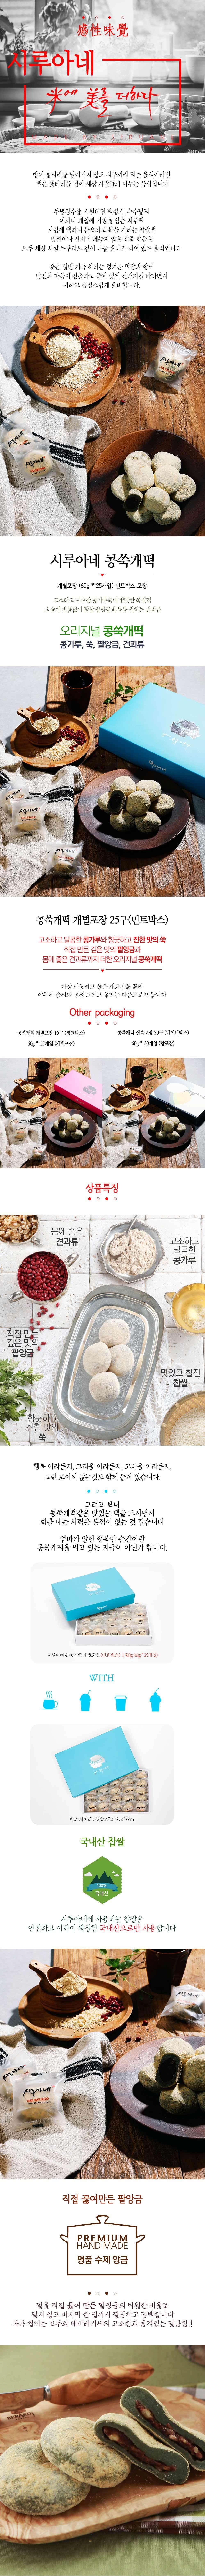 시루아네 콩쑥개떡 개별포장(60g씩 25개 총1.5kg) - 시루아네, 23,000원, 떡, 떡